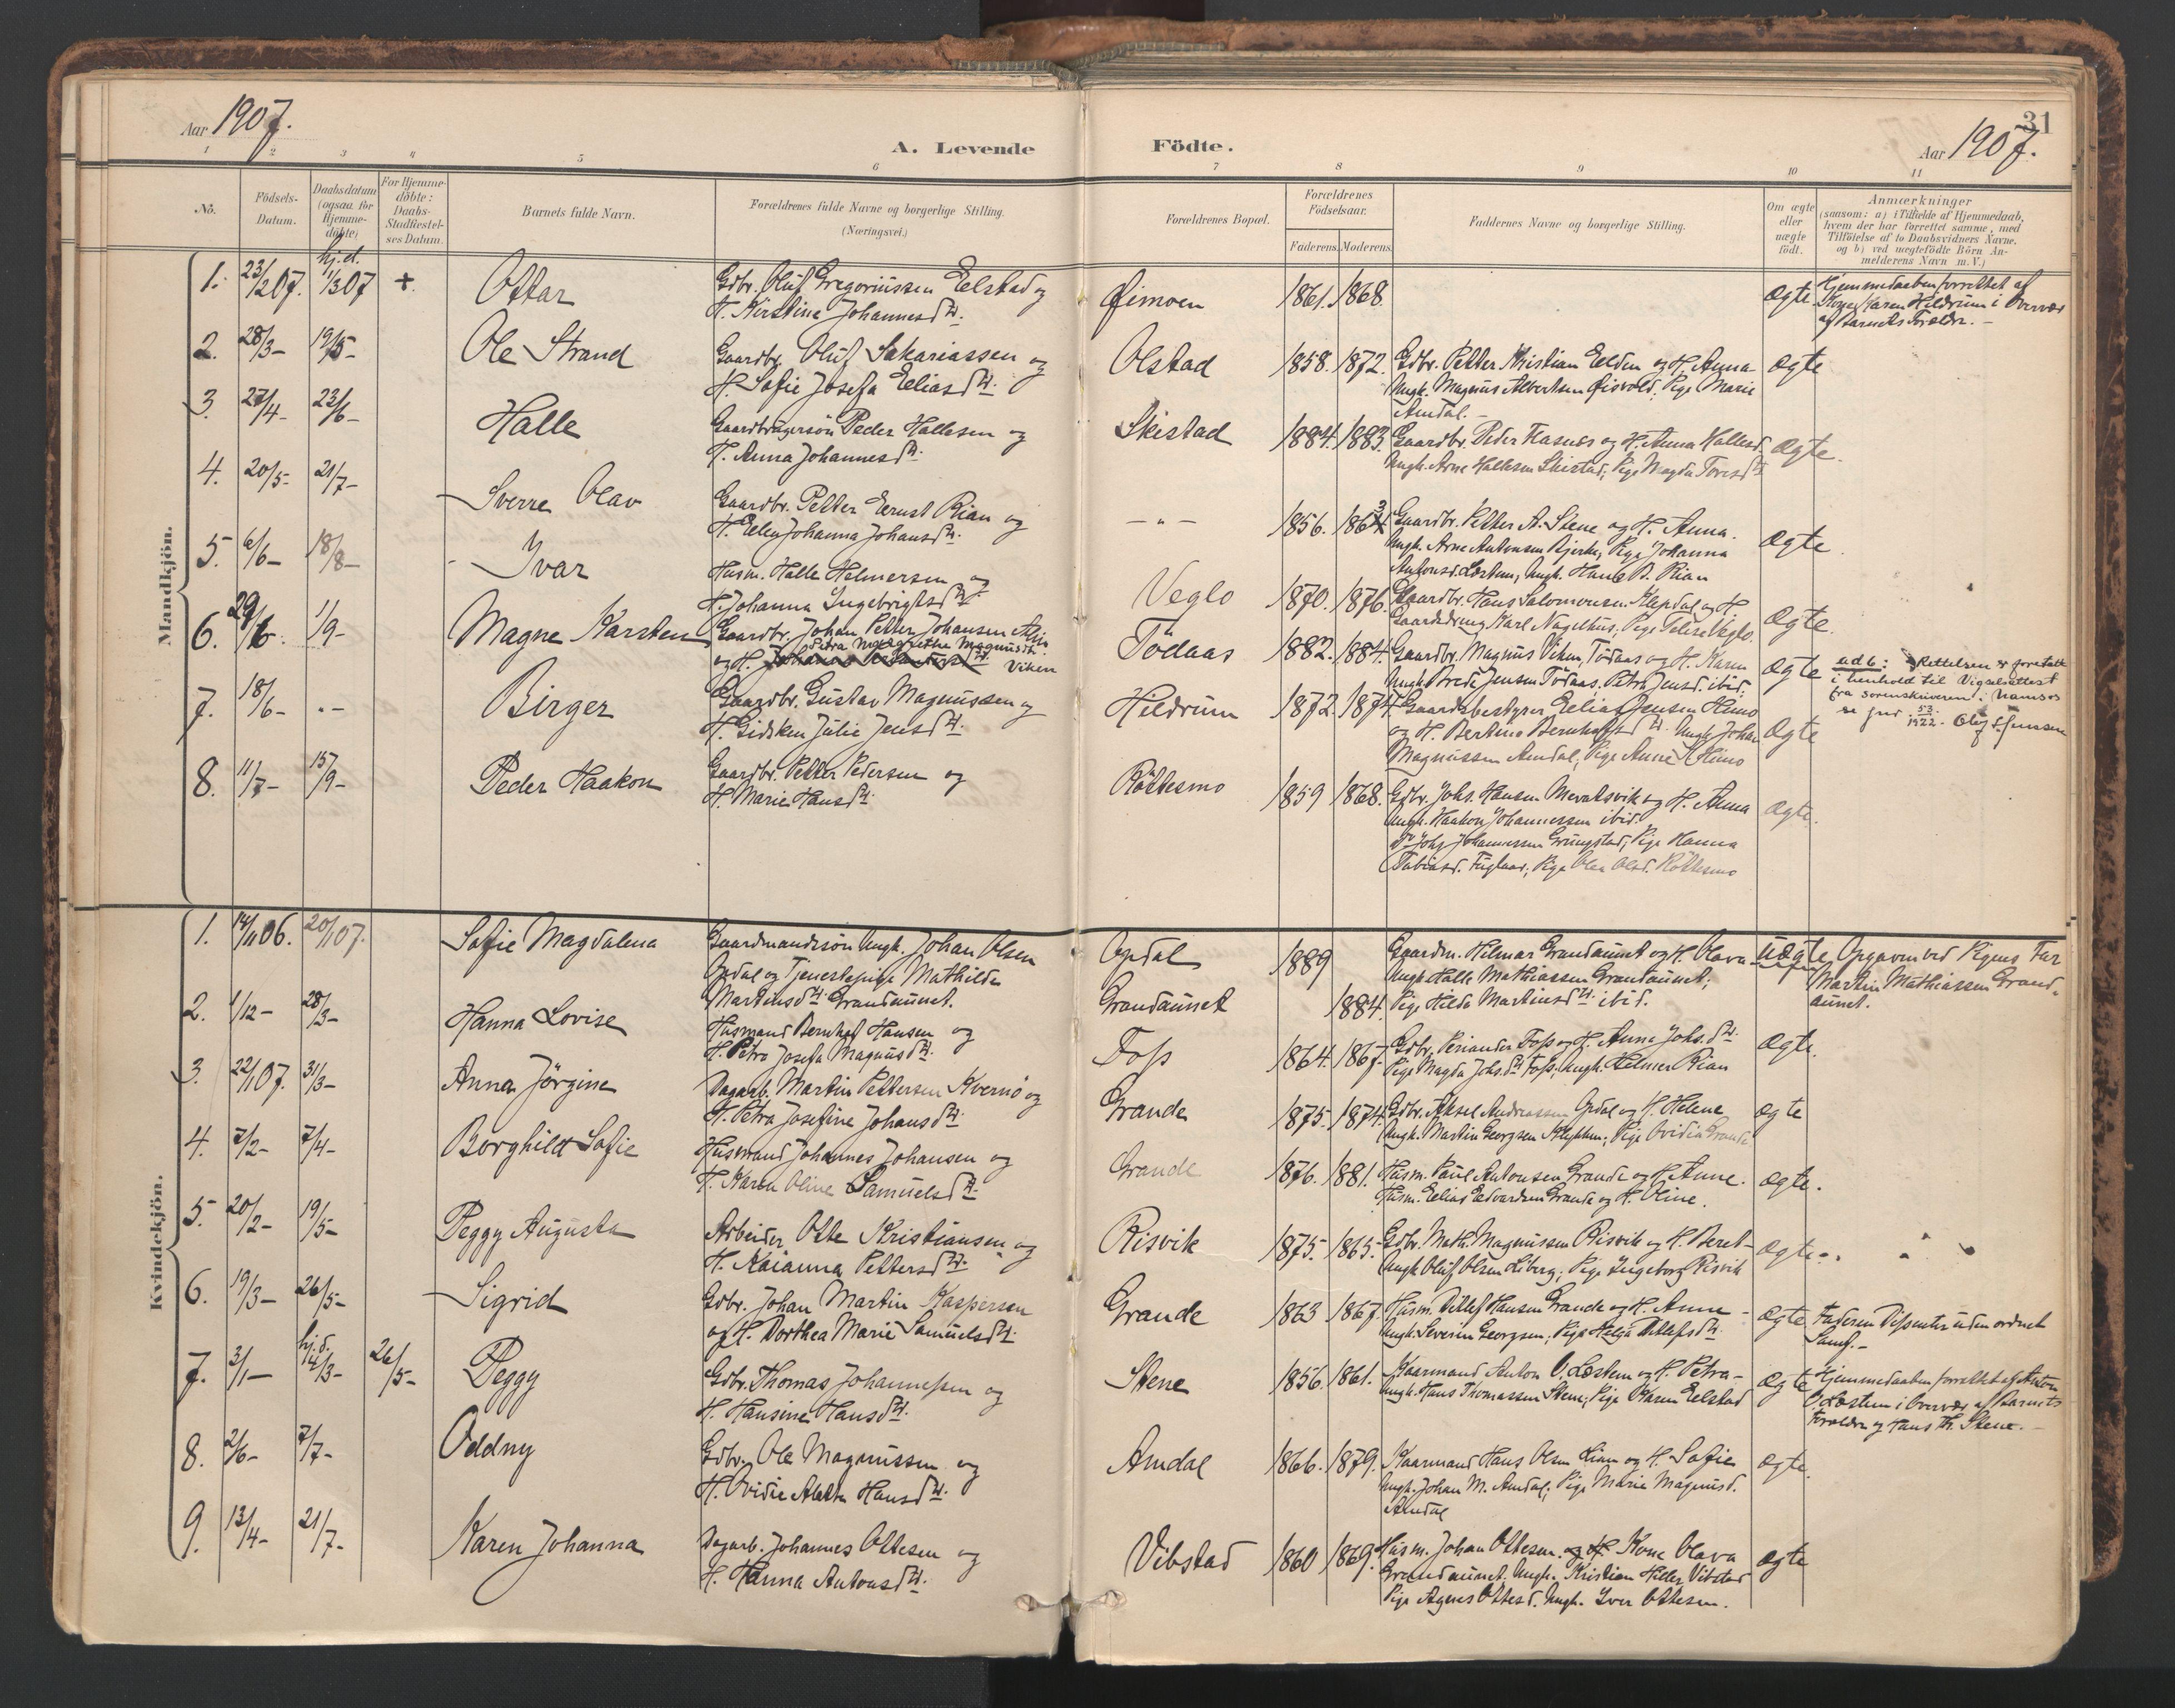 SAT, Ministerialprotokoller, klokkerbøker og fødselsregistre - Nord-Trøndelag, 764/L0556: Ministerialbok nr. 764A11, 1897-1924, s. 31